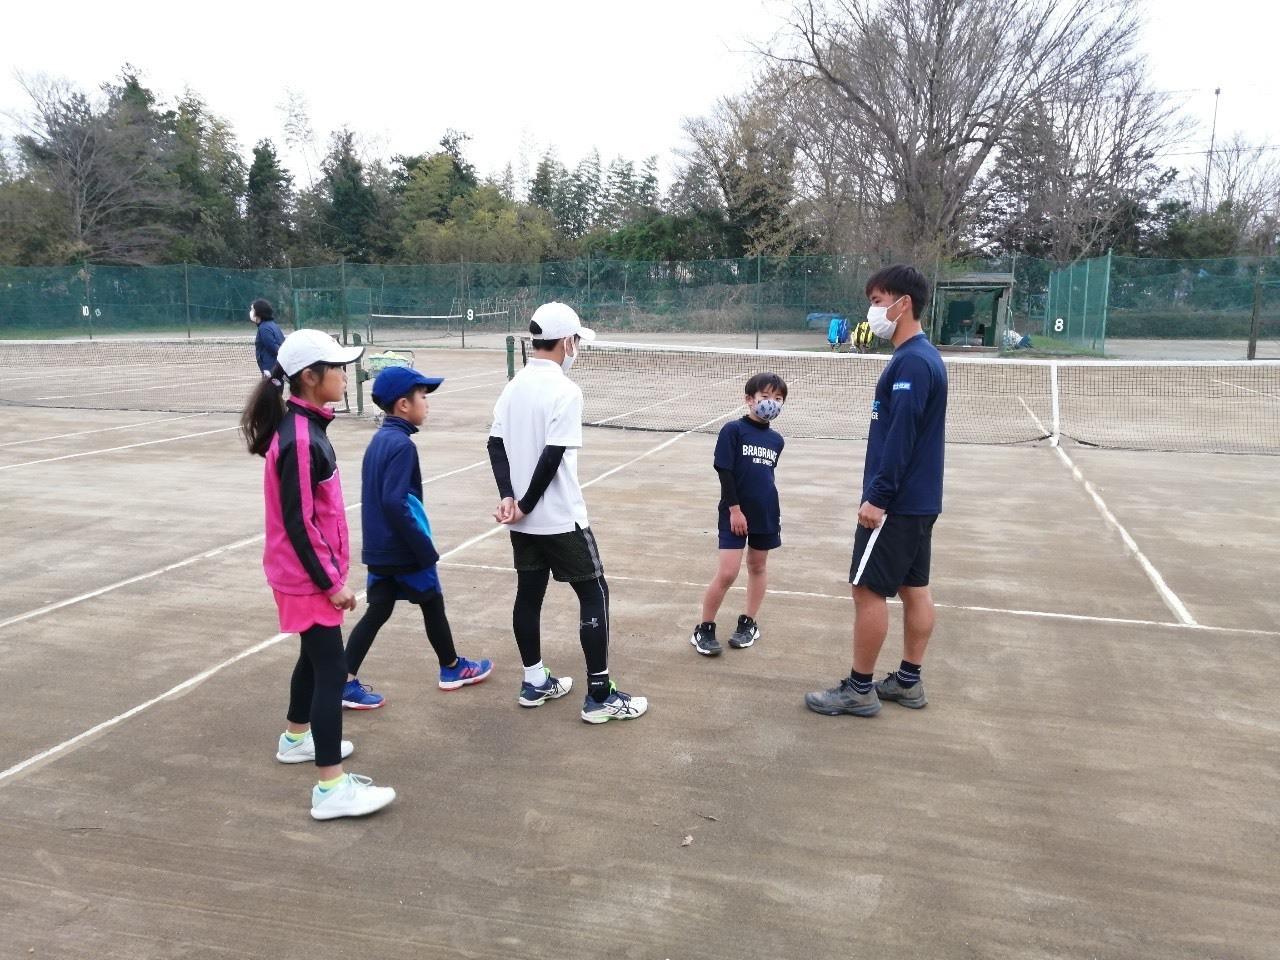 むさしの村ローンテニスクラブ交流会 齋藤惠佑プロとジュニア選手